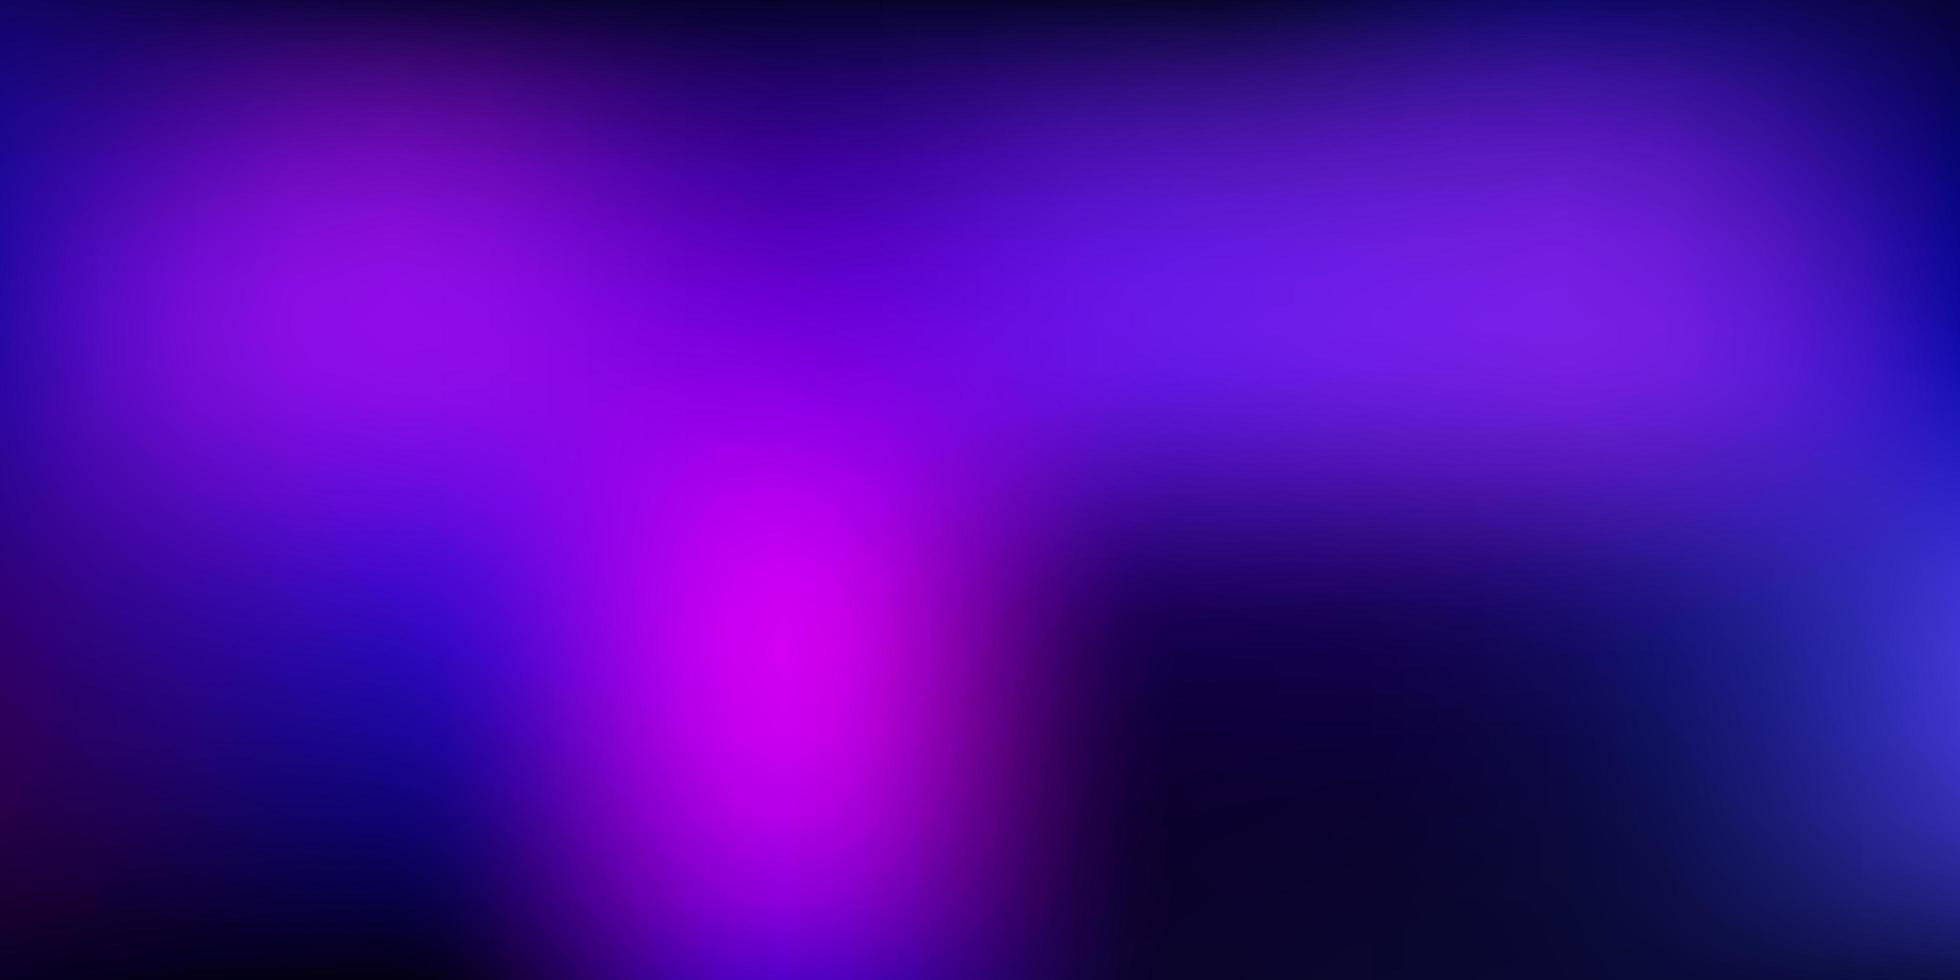 donkerpaars, roze vector verloop vervagen lay-out.